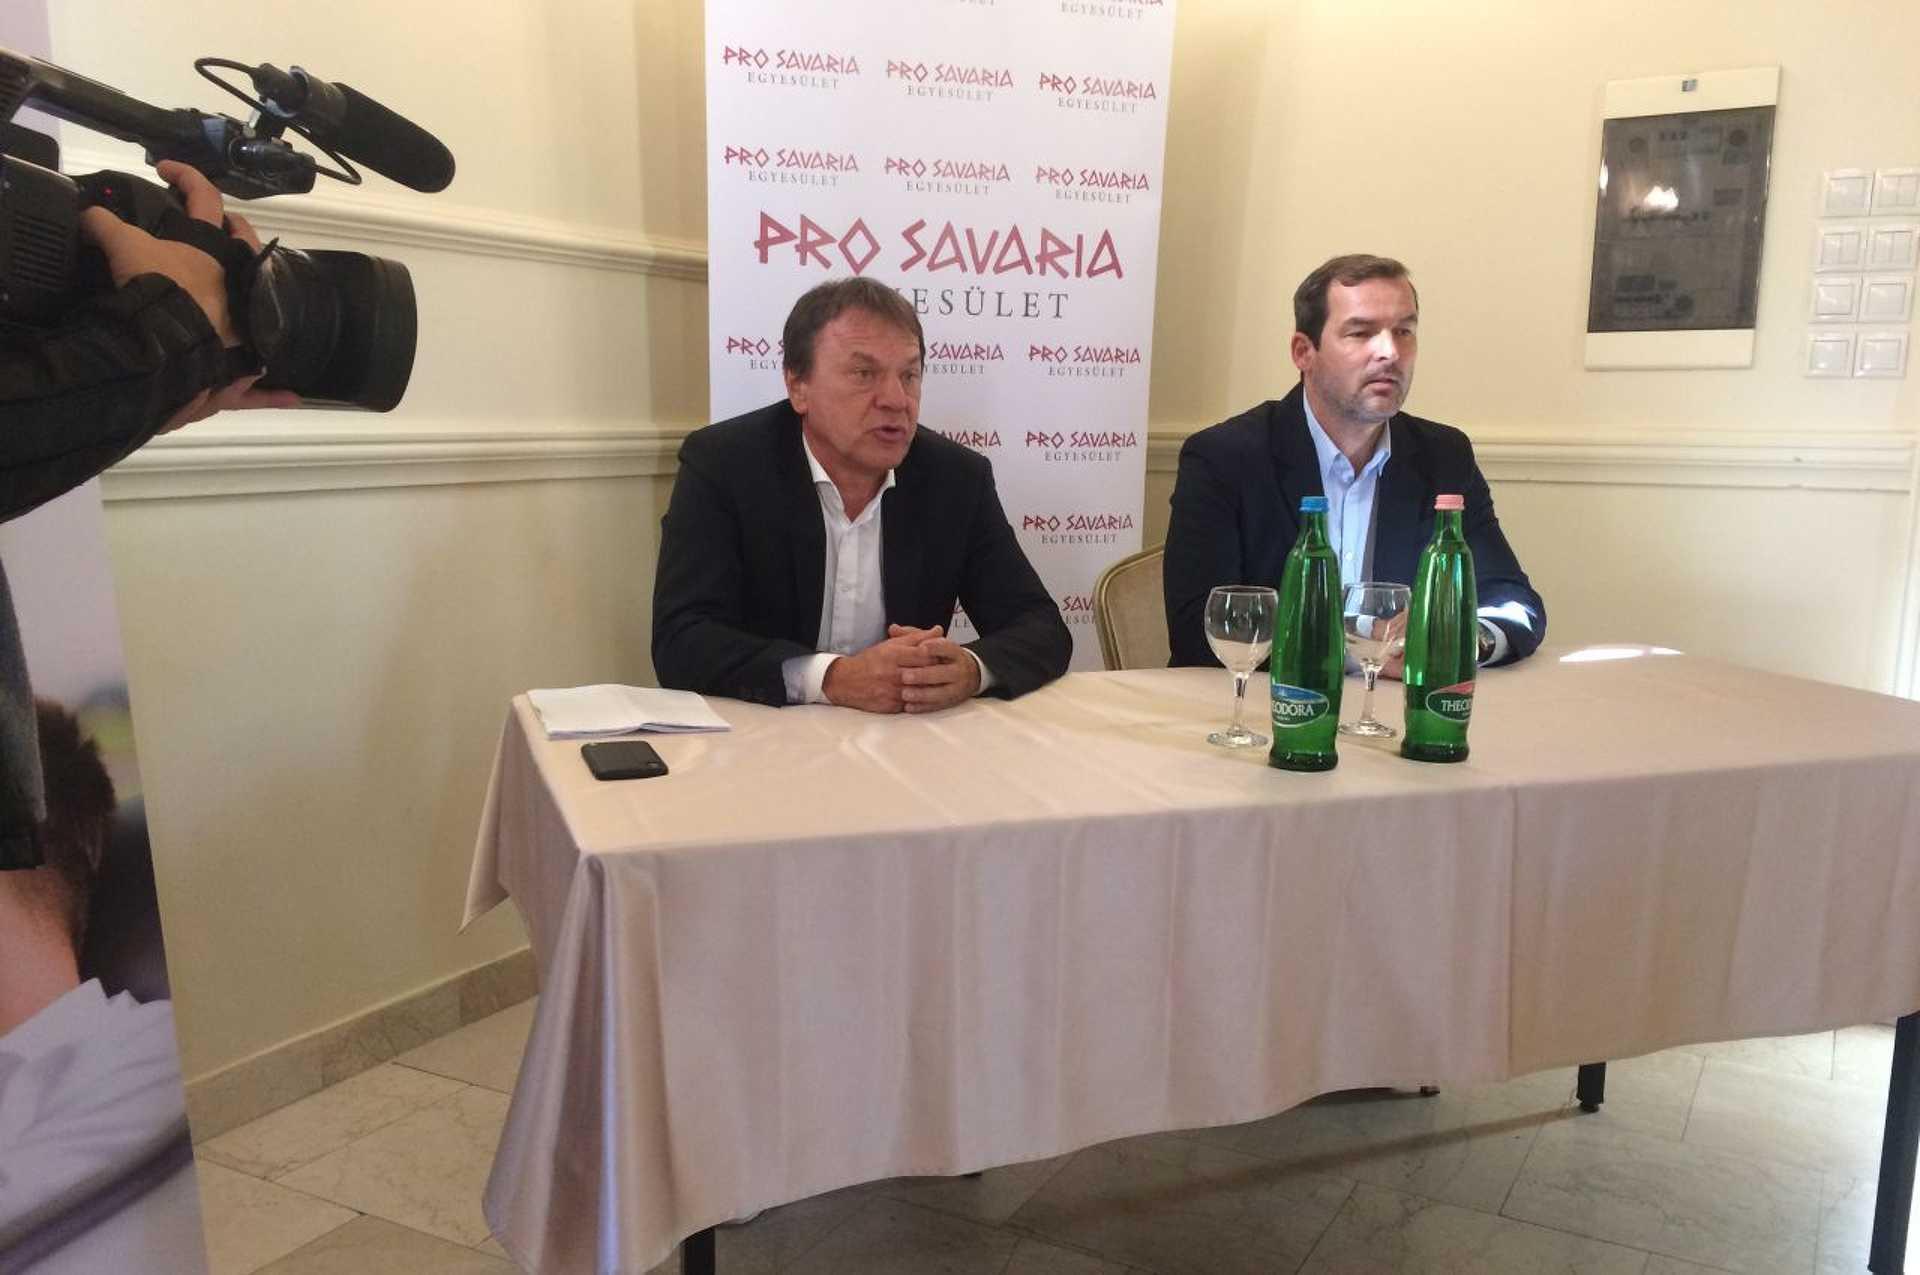 Pro Savaria sajtótájékoztató